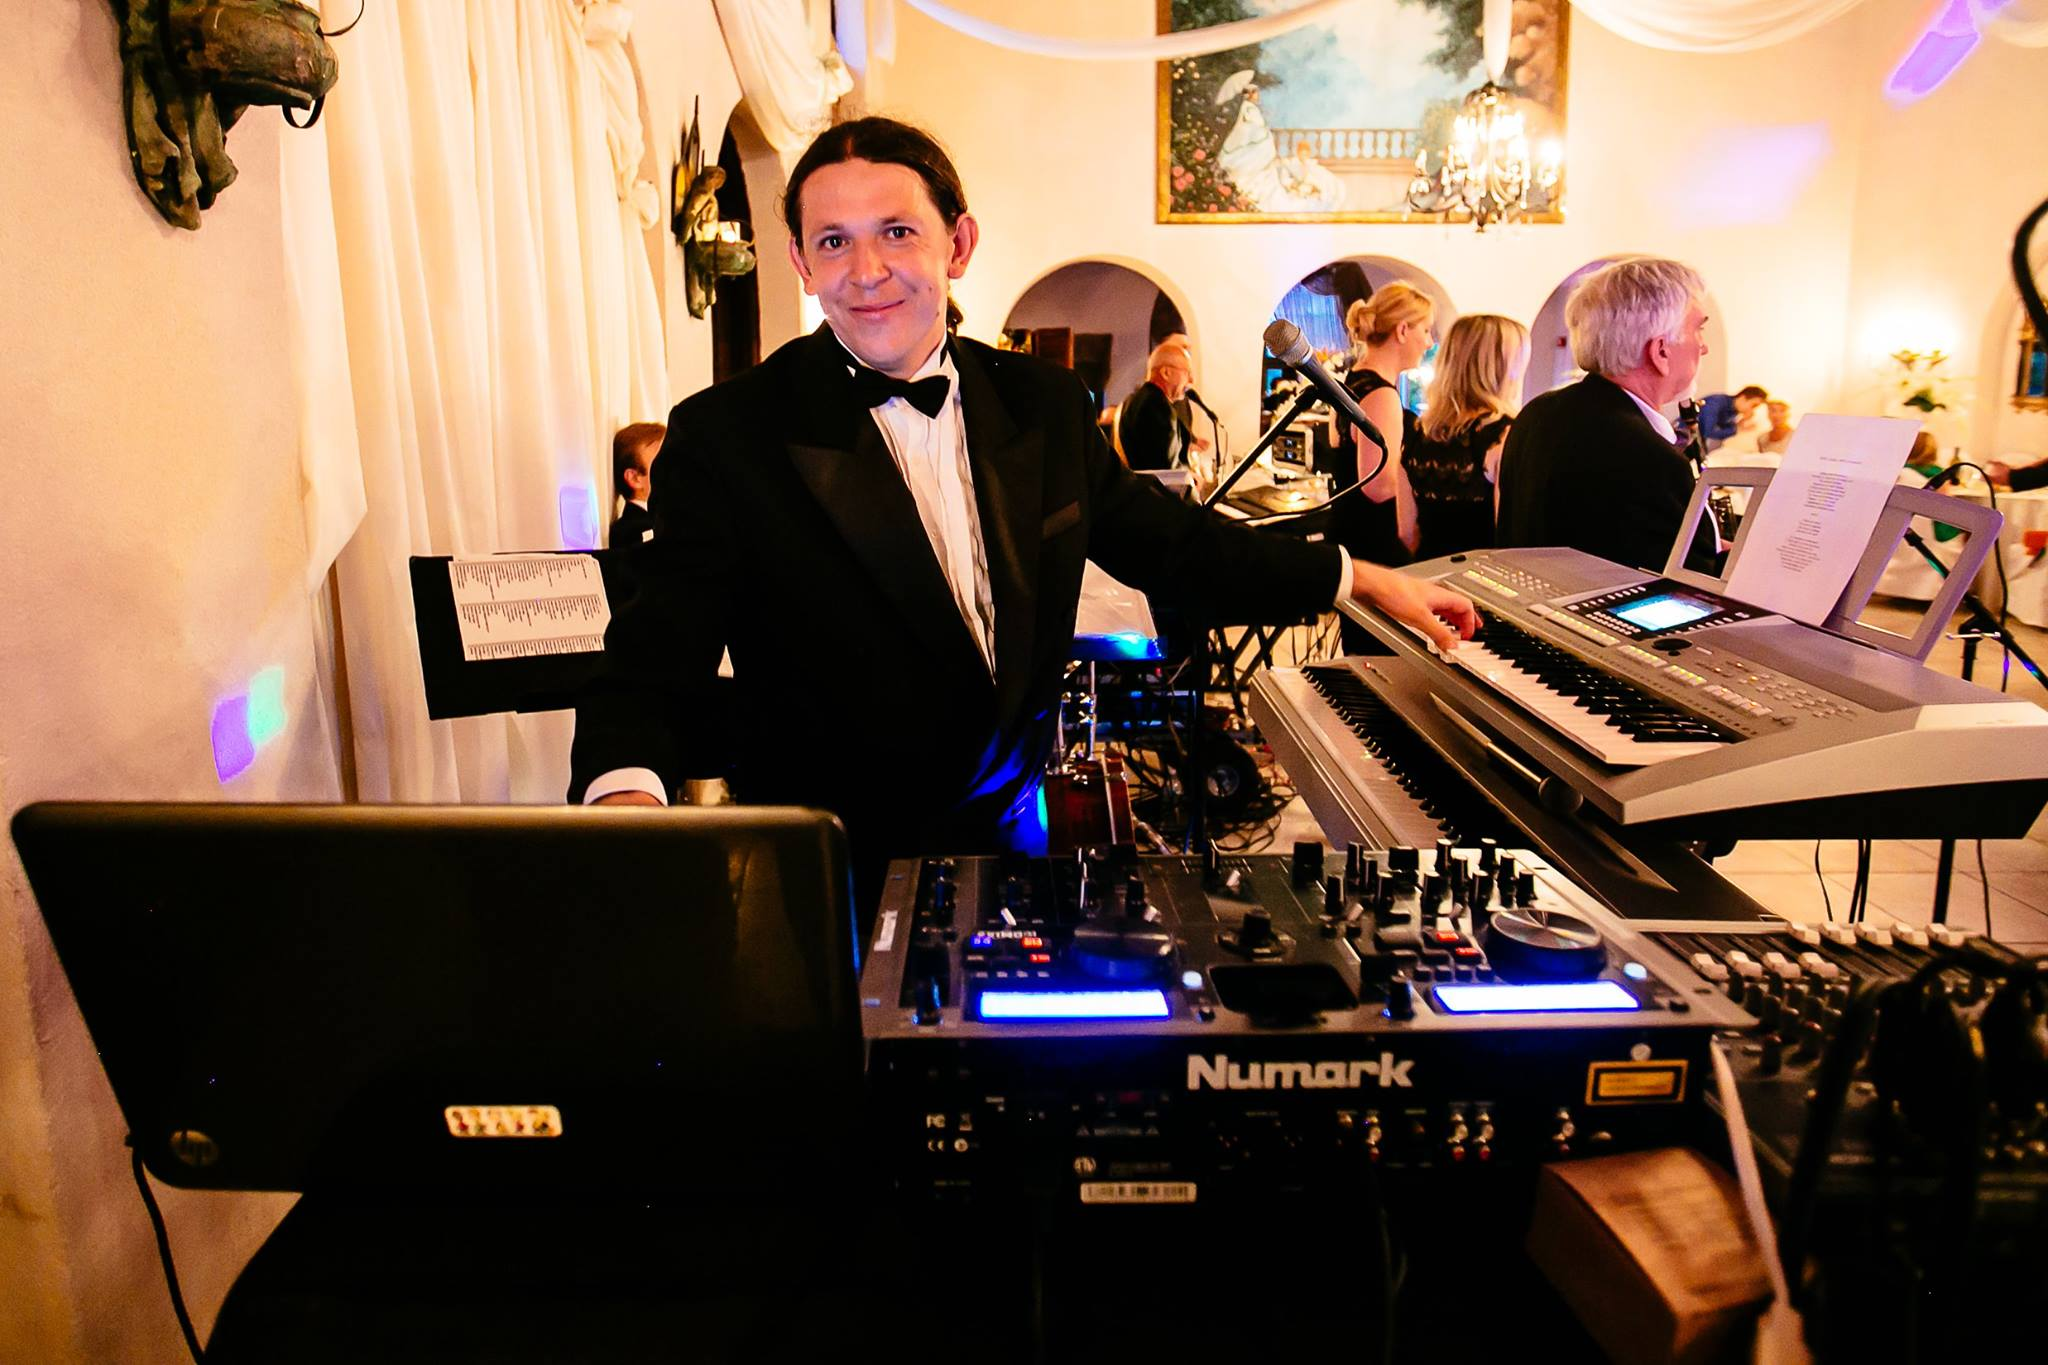 Polski DJ w NY, NJ, CT, PA na wesele, bankiet i inne przyjęcie